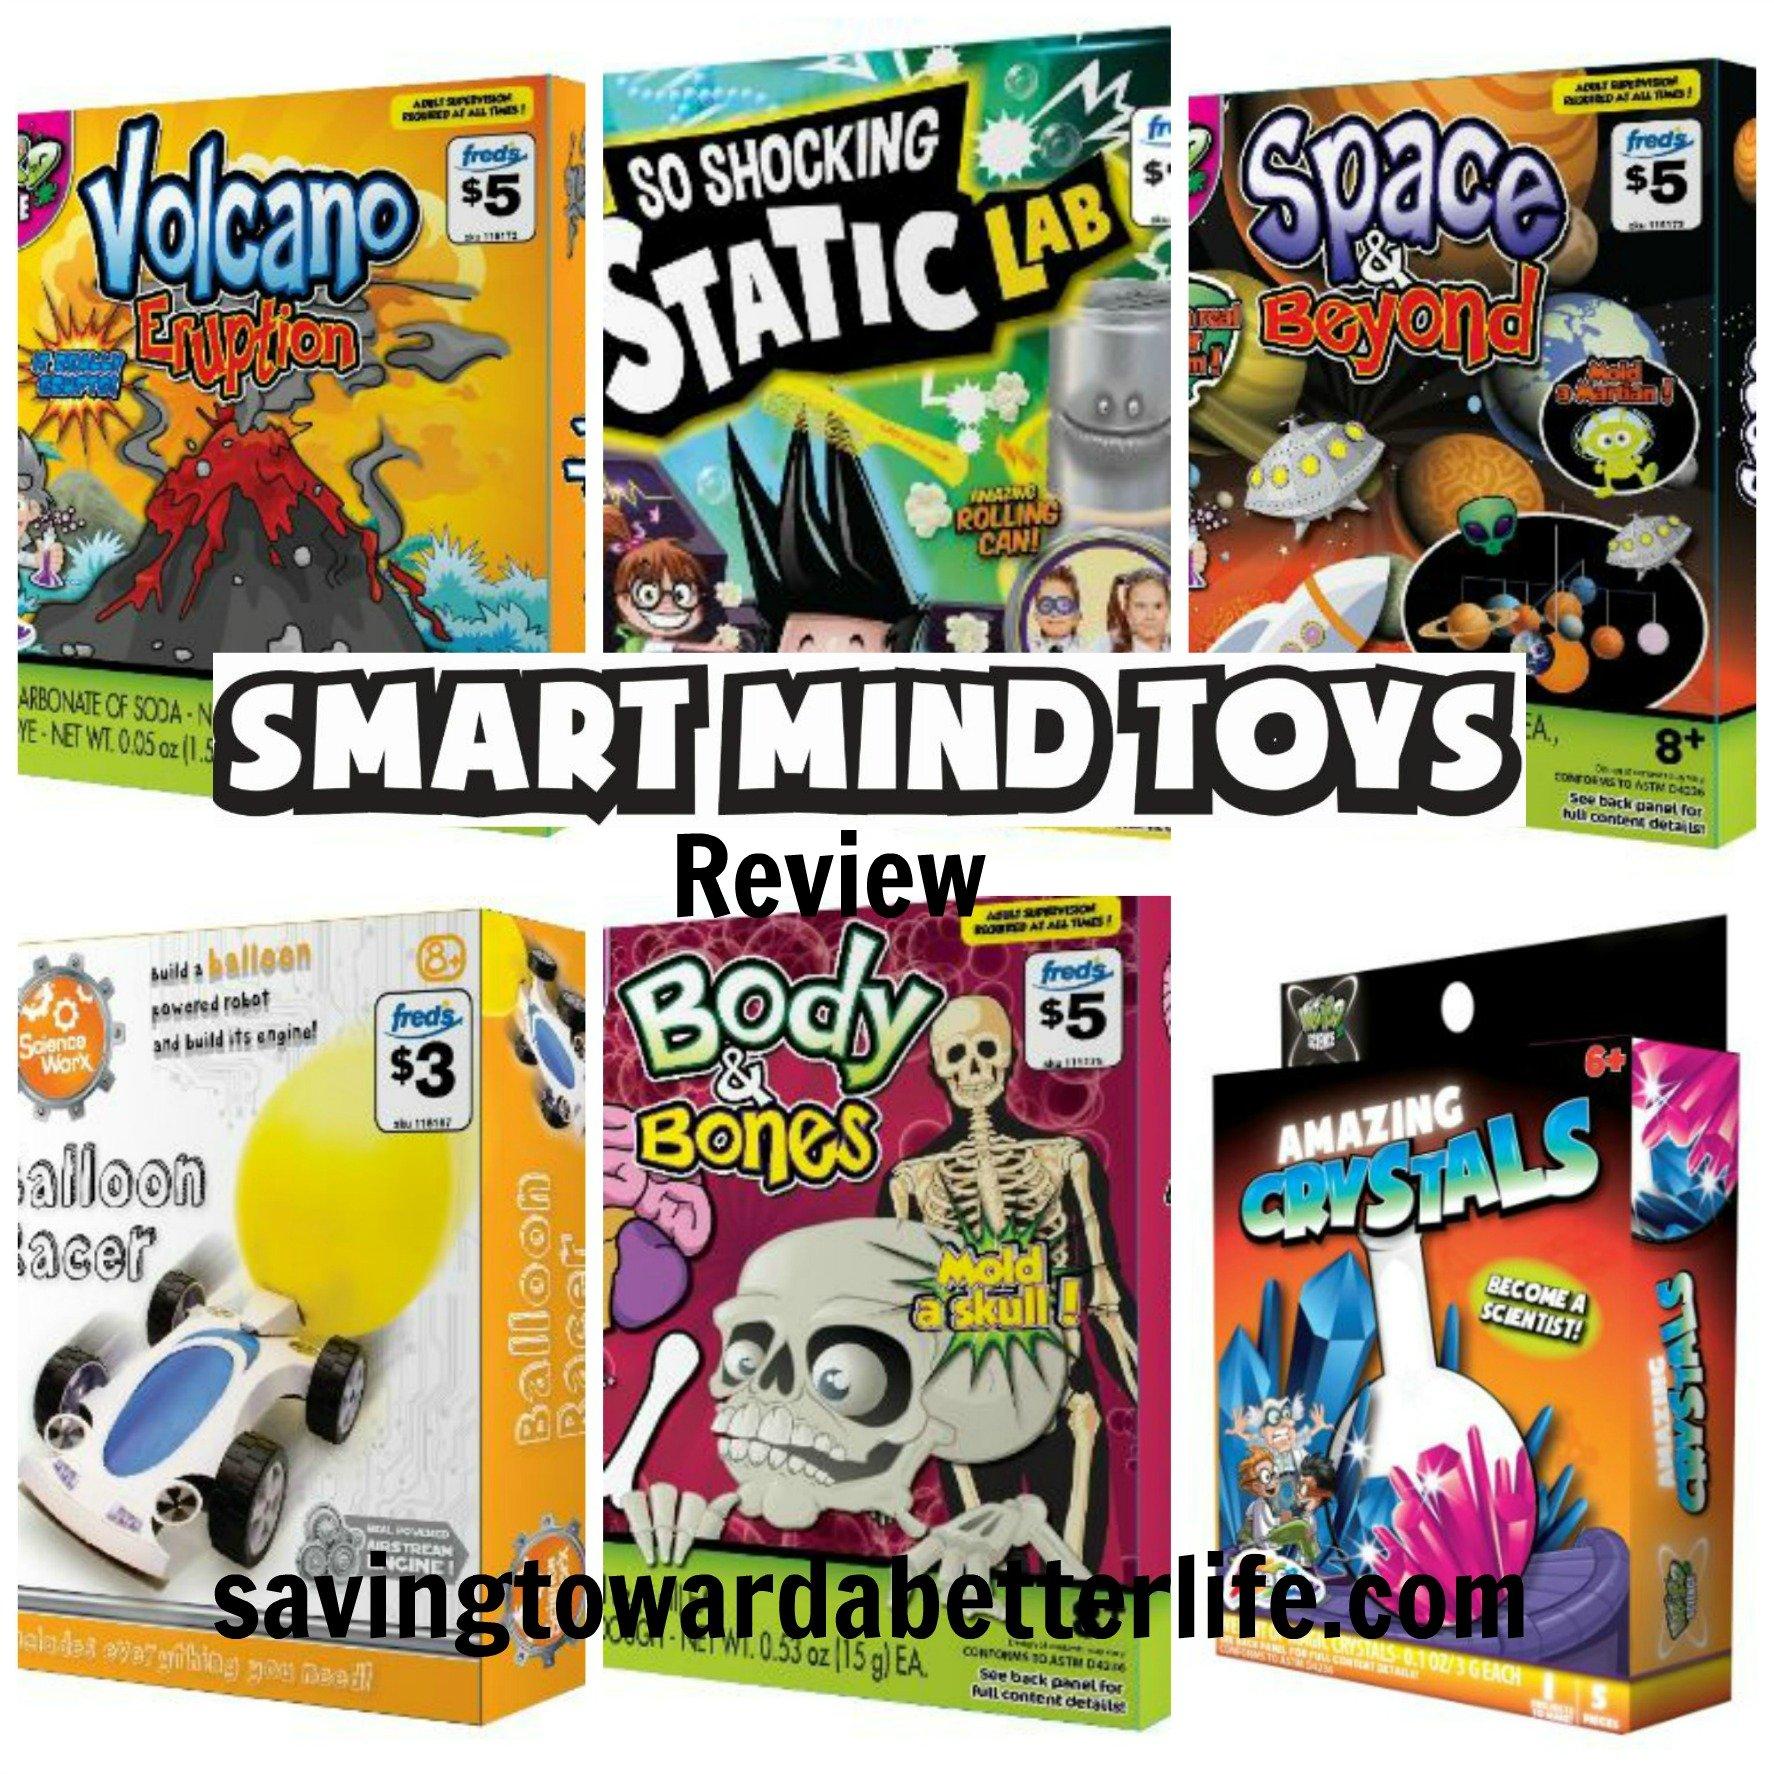 SmartMindToysCollage2